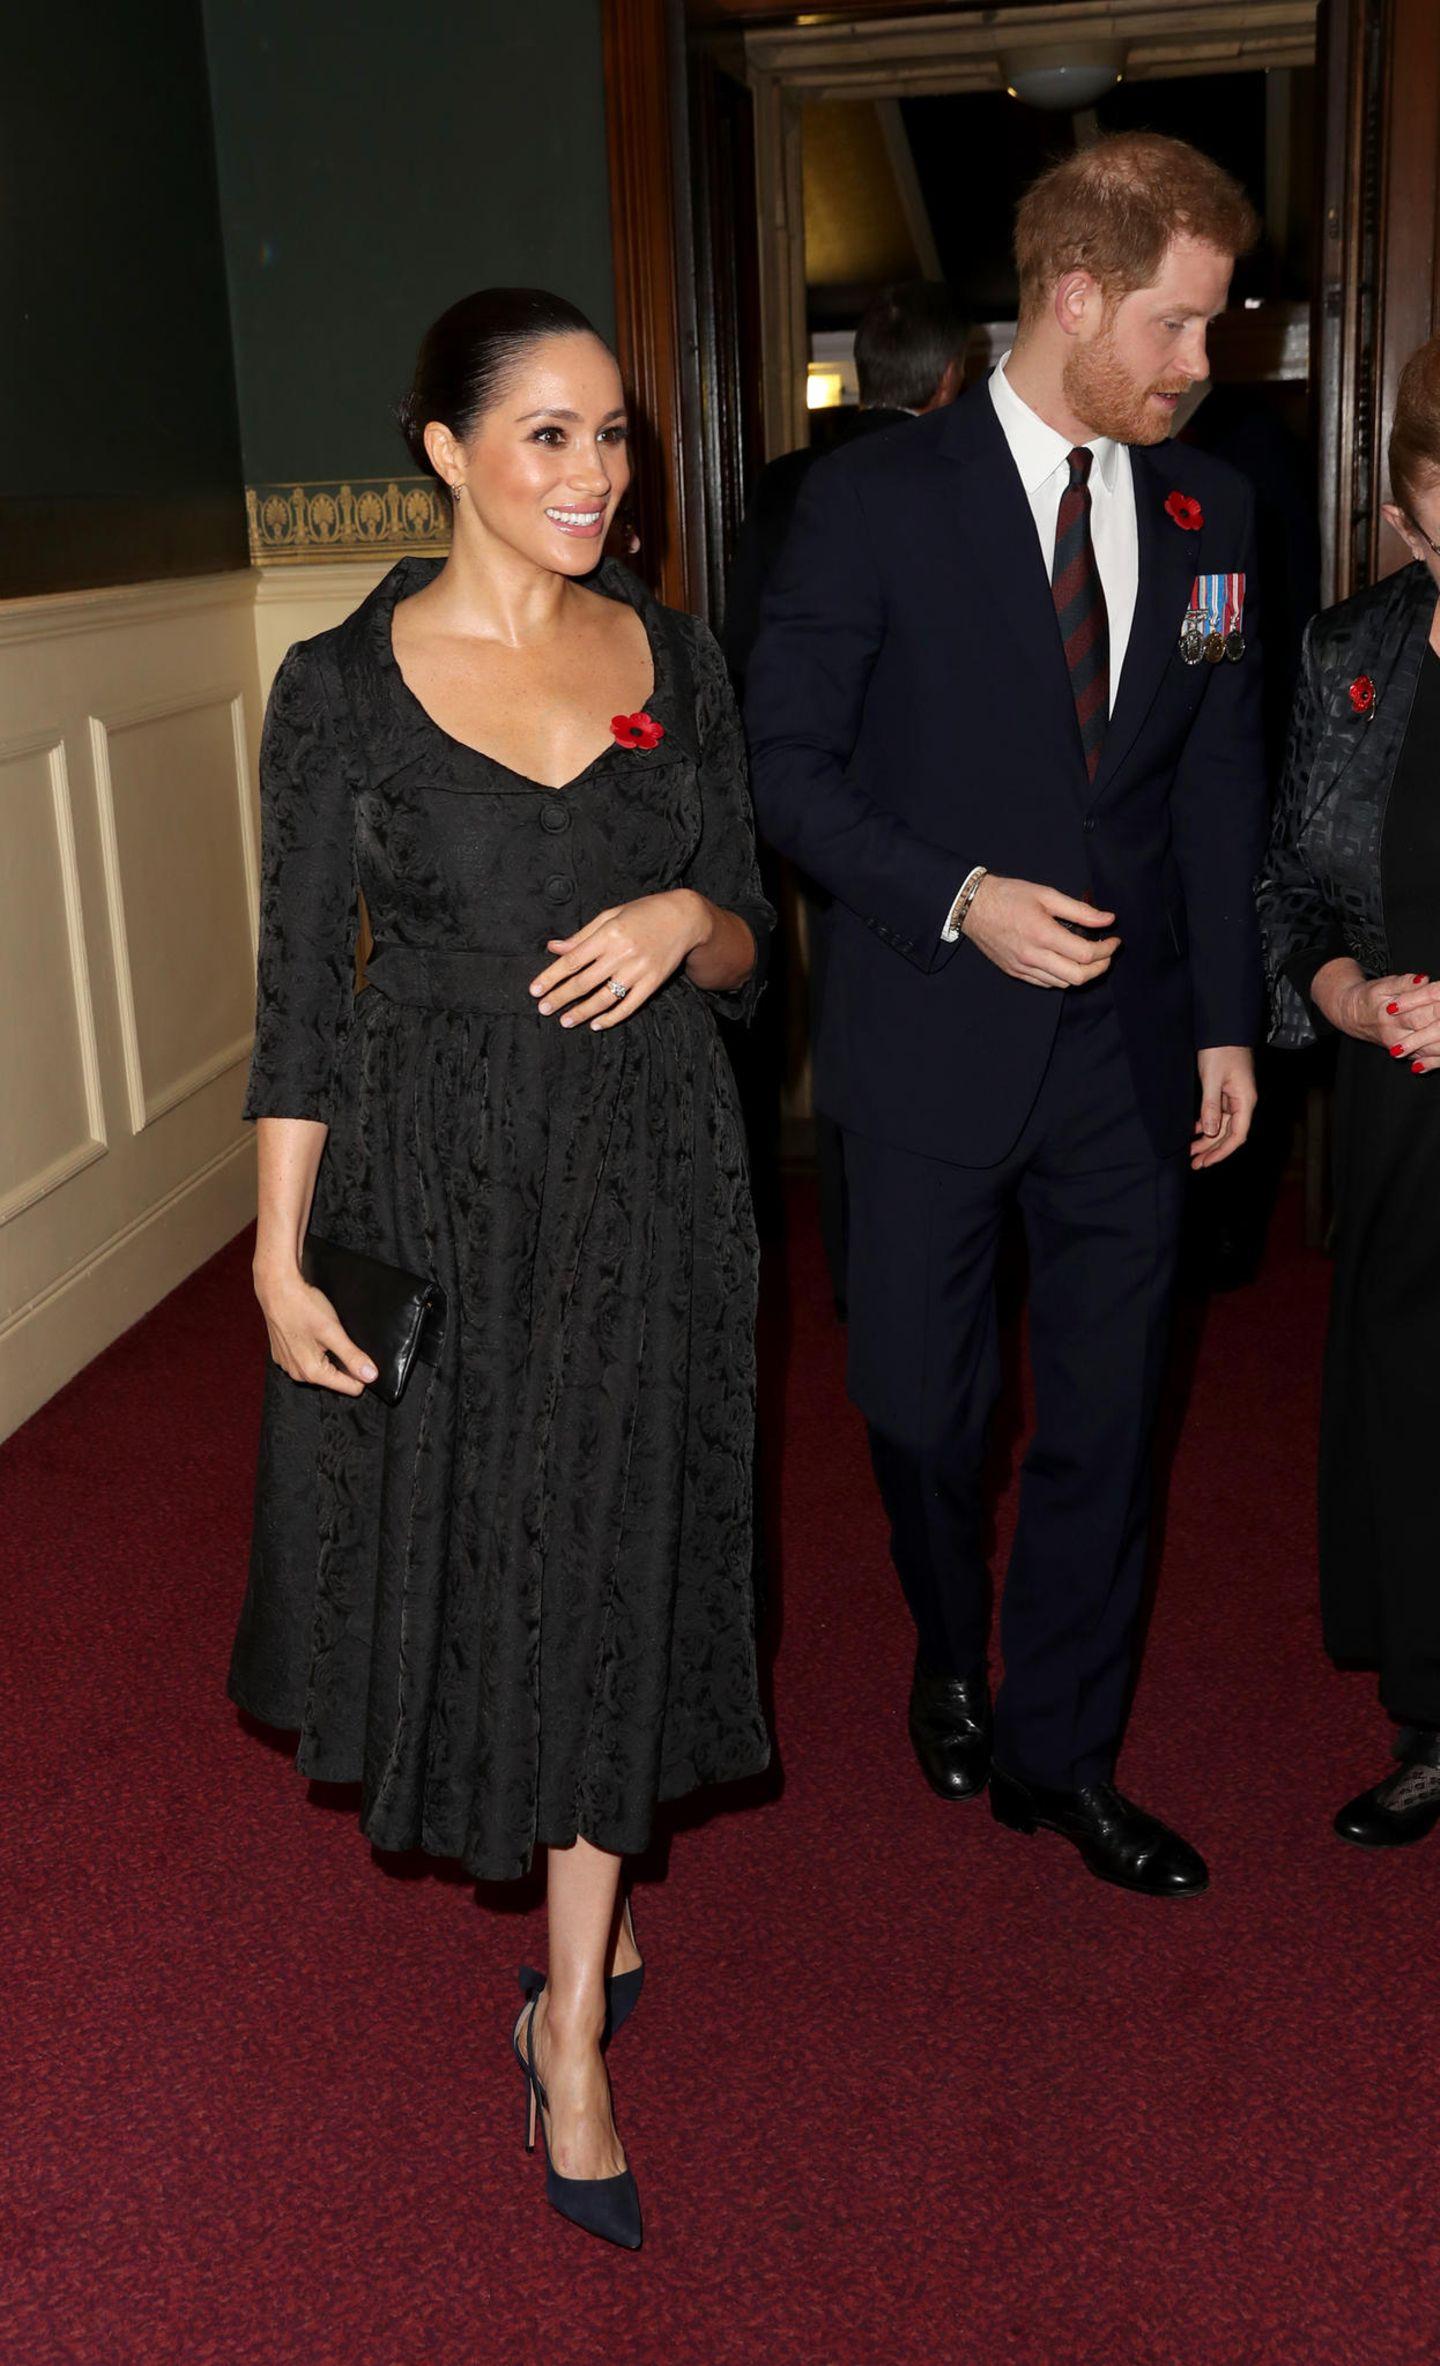 Strahlend wie immer erschienen Prinz Harry und seine Meghan zu den Feierlichkeiten im Rahmen des Rembrance Days in der Royal Albert Hall. Meghan setzte dazu auf ein schwarzes, weit ausgestelltes Kleid im 50er-Jahre-Stil sowie ihre obligatorischen schwarzen Pumps. Doch das bestickte Kleid war nicht der einzige Blickfang an diesem Abend. Meghans Hand bot Raum für Spekulationen – immer wieder wanderte sie zu ihrem Bauch und heizte damit die Gerüchte um eine zweite Schwangerschaft an. Der Schnitt des Kleides sowie Meghans entwaffnendes Strahlen taten ihr übriges, um die Fans auf erneuten Nachwuchs hoffen zu lassen.